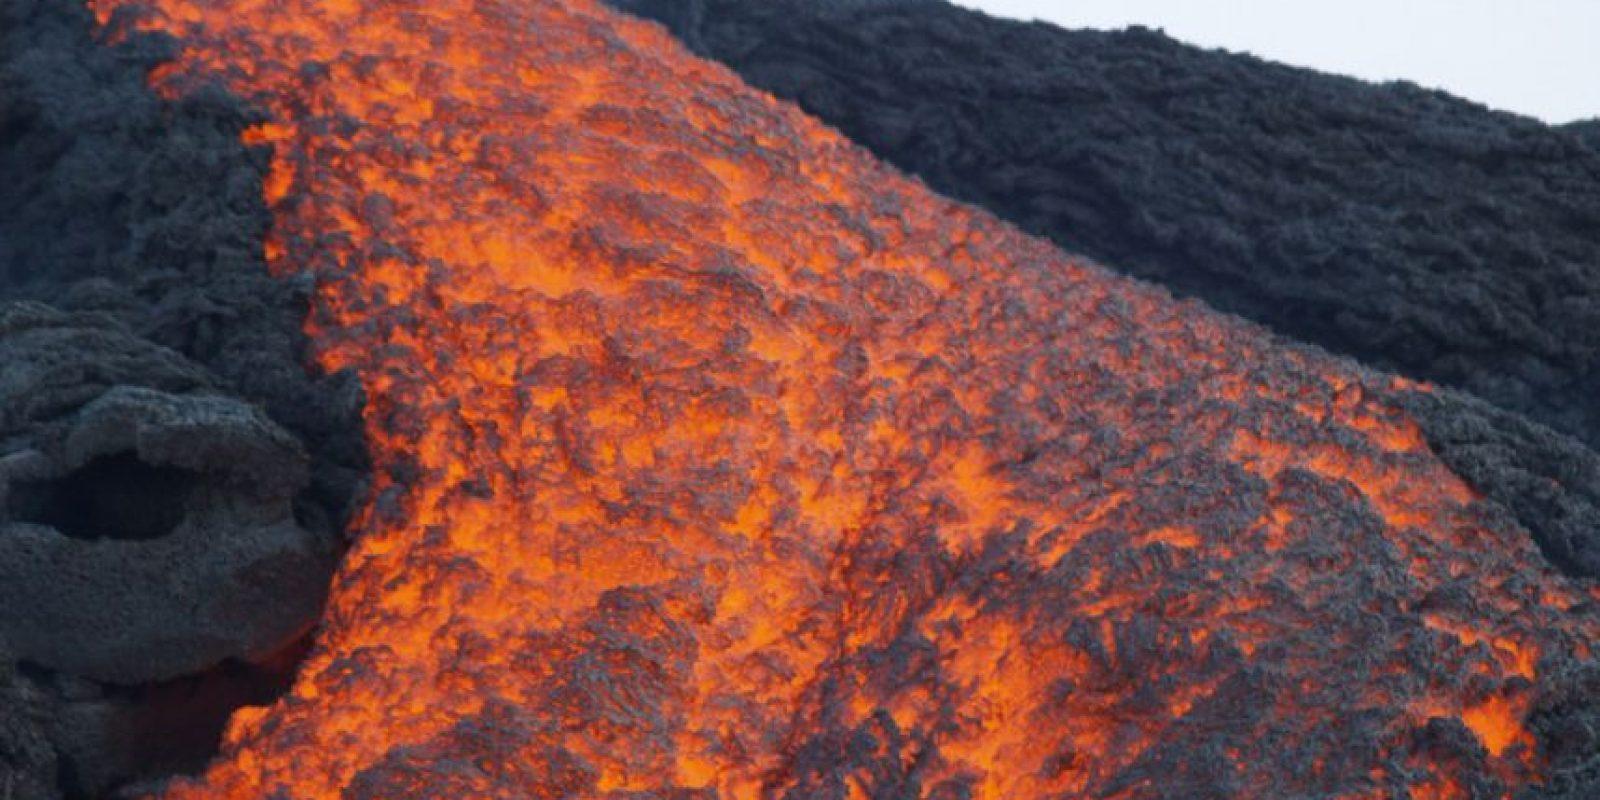 Y a veces logras ver la lava que sale del Pacaya y esto no es nada emocionante. Foto:http://www.buzzfeed.com